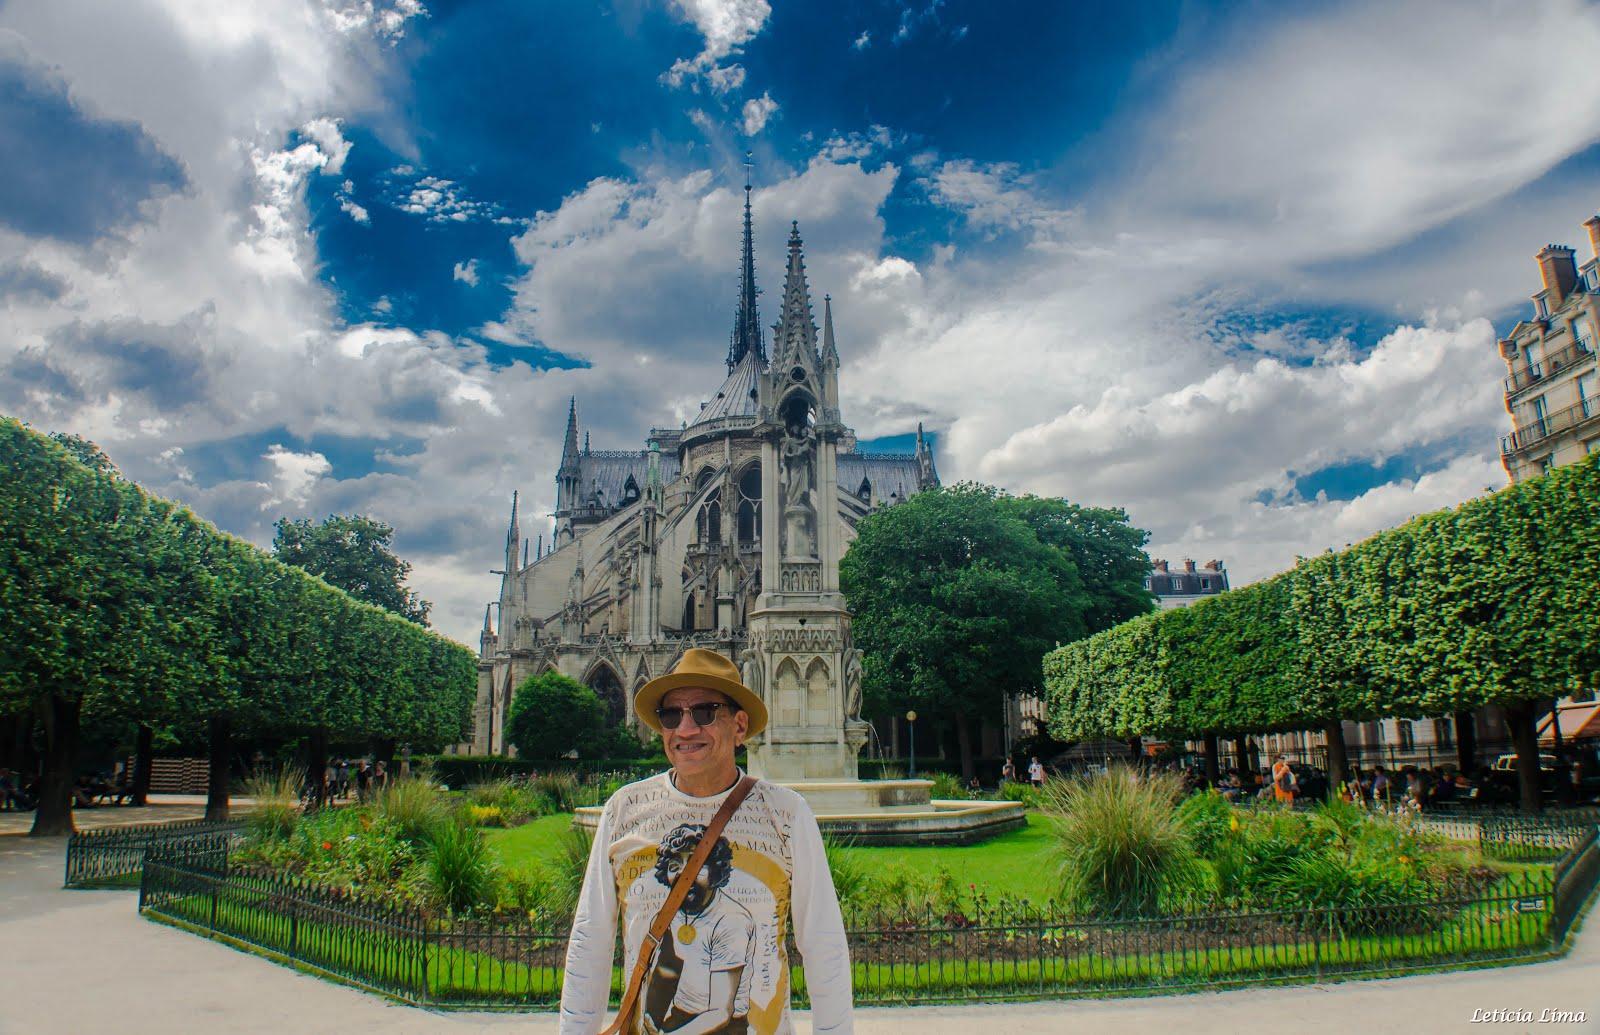 PARTE POSTERIOR DA CATEDRAL DE /NOTRE DAME - PARIS